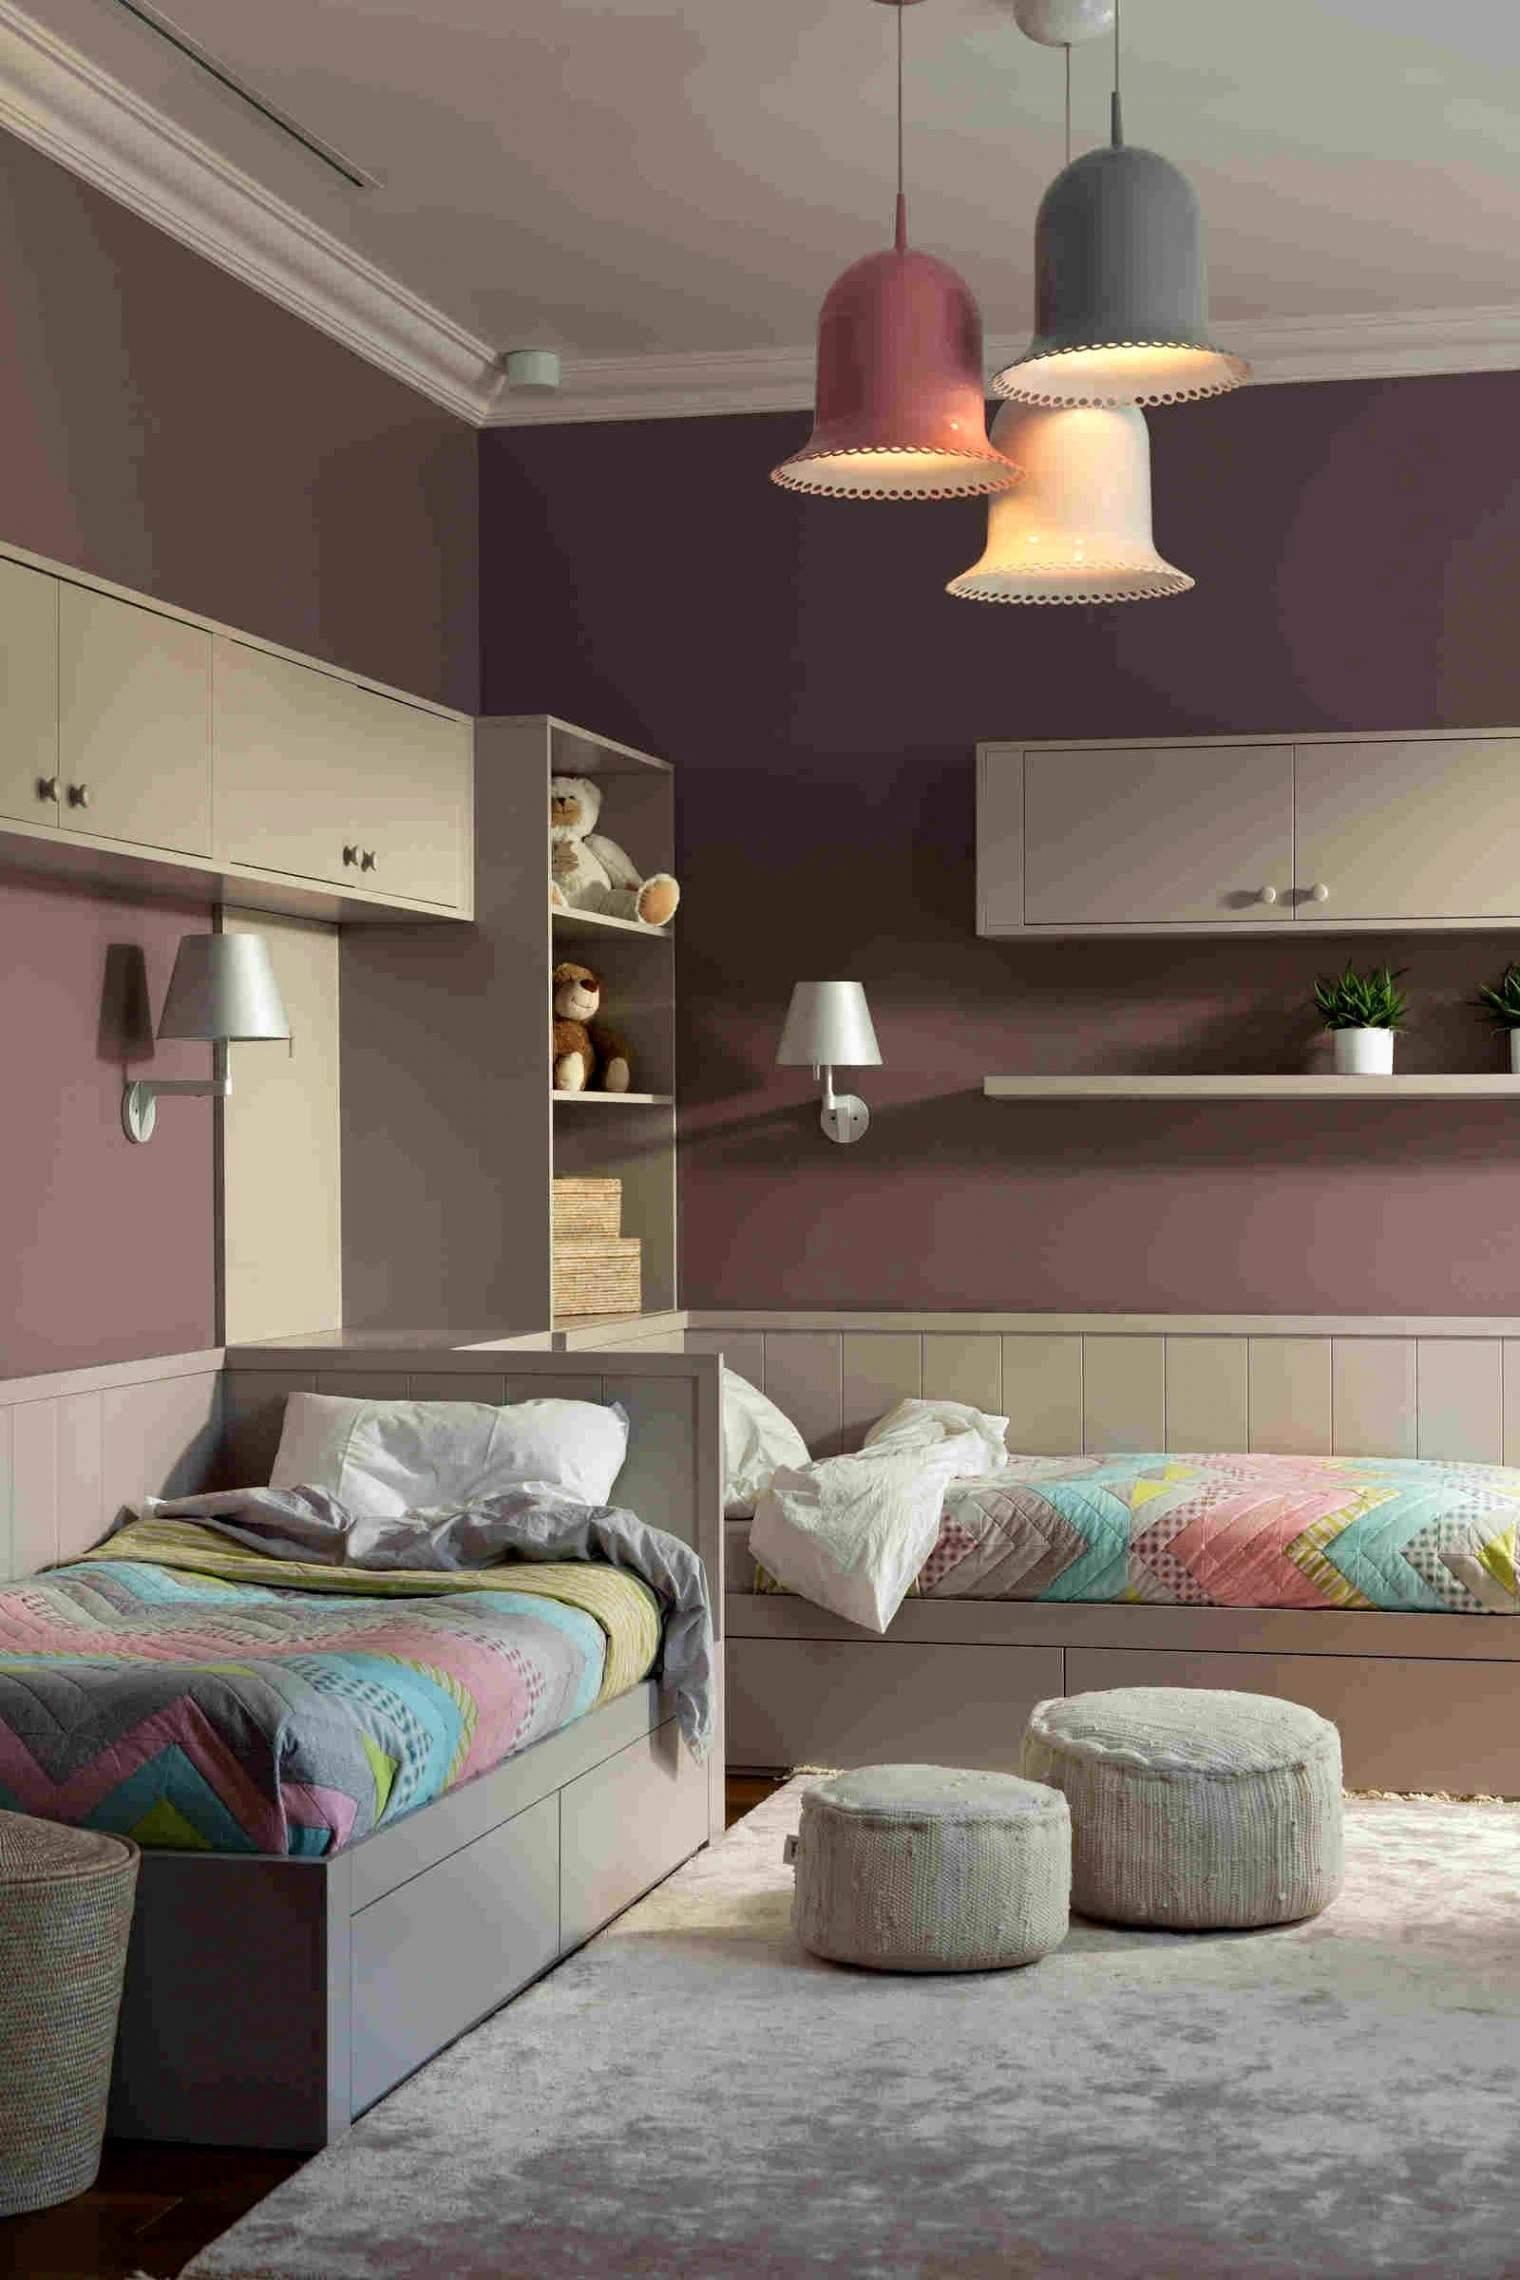 Balkon Deko Ideen Inspirierend Kleines Wohnzimmer Ideen Elegant Balkon Deko Ideen 42